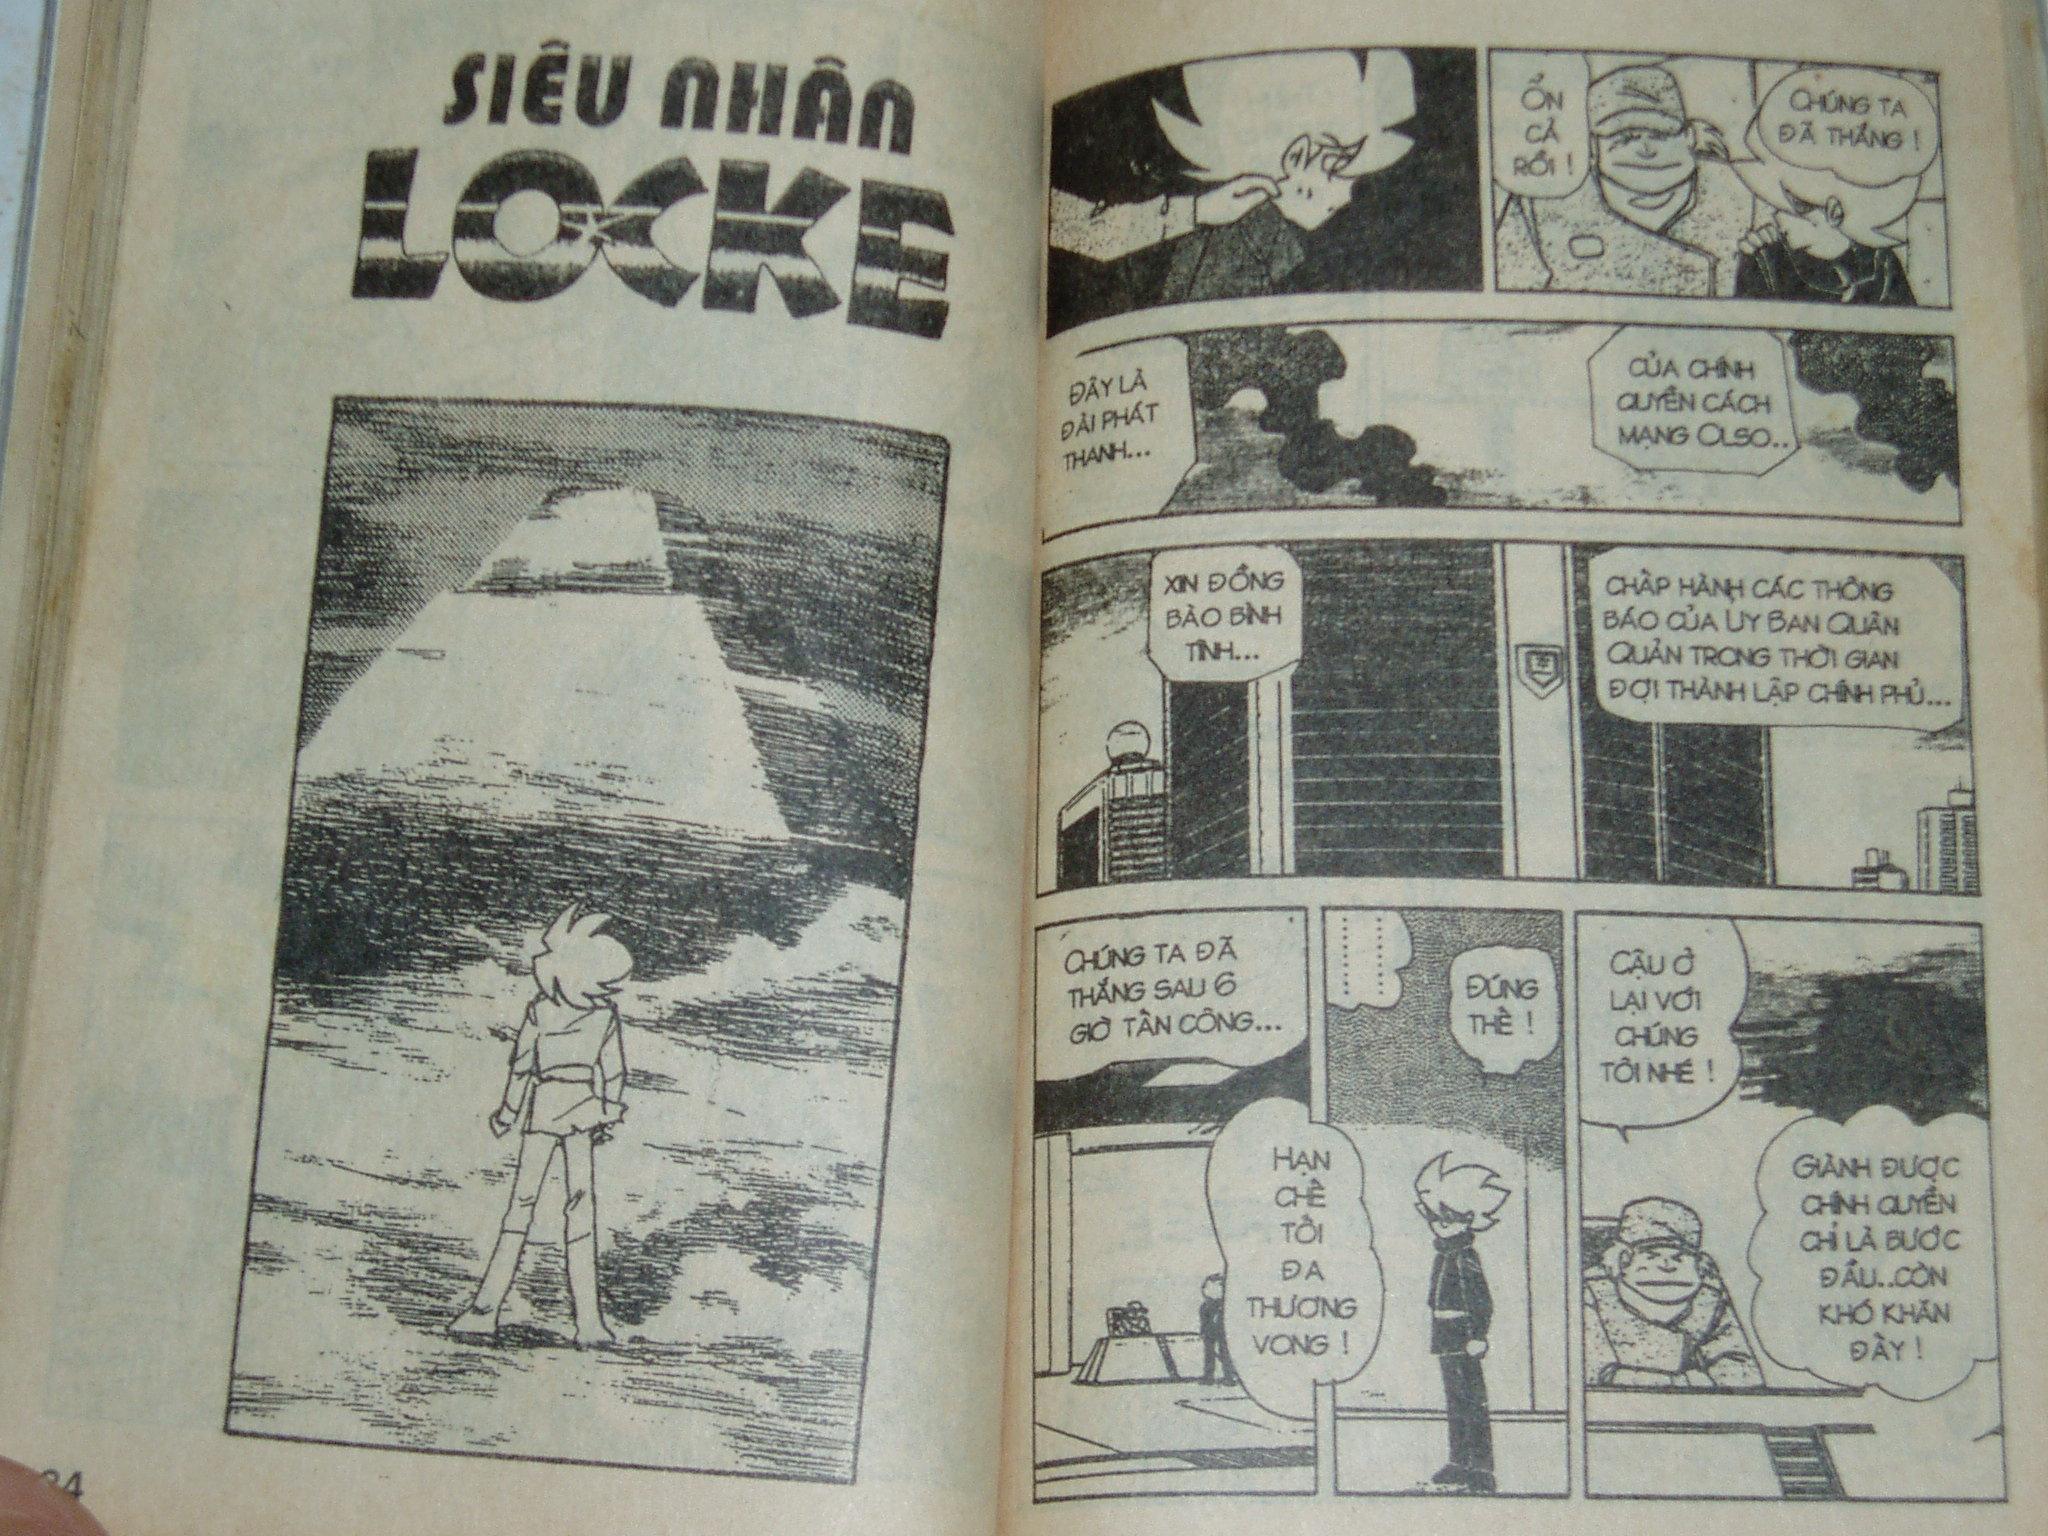 Siêu nhân Locke vol 18 trang 41